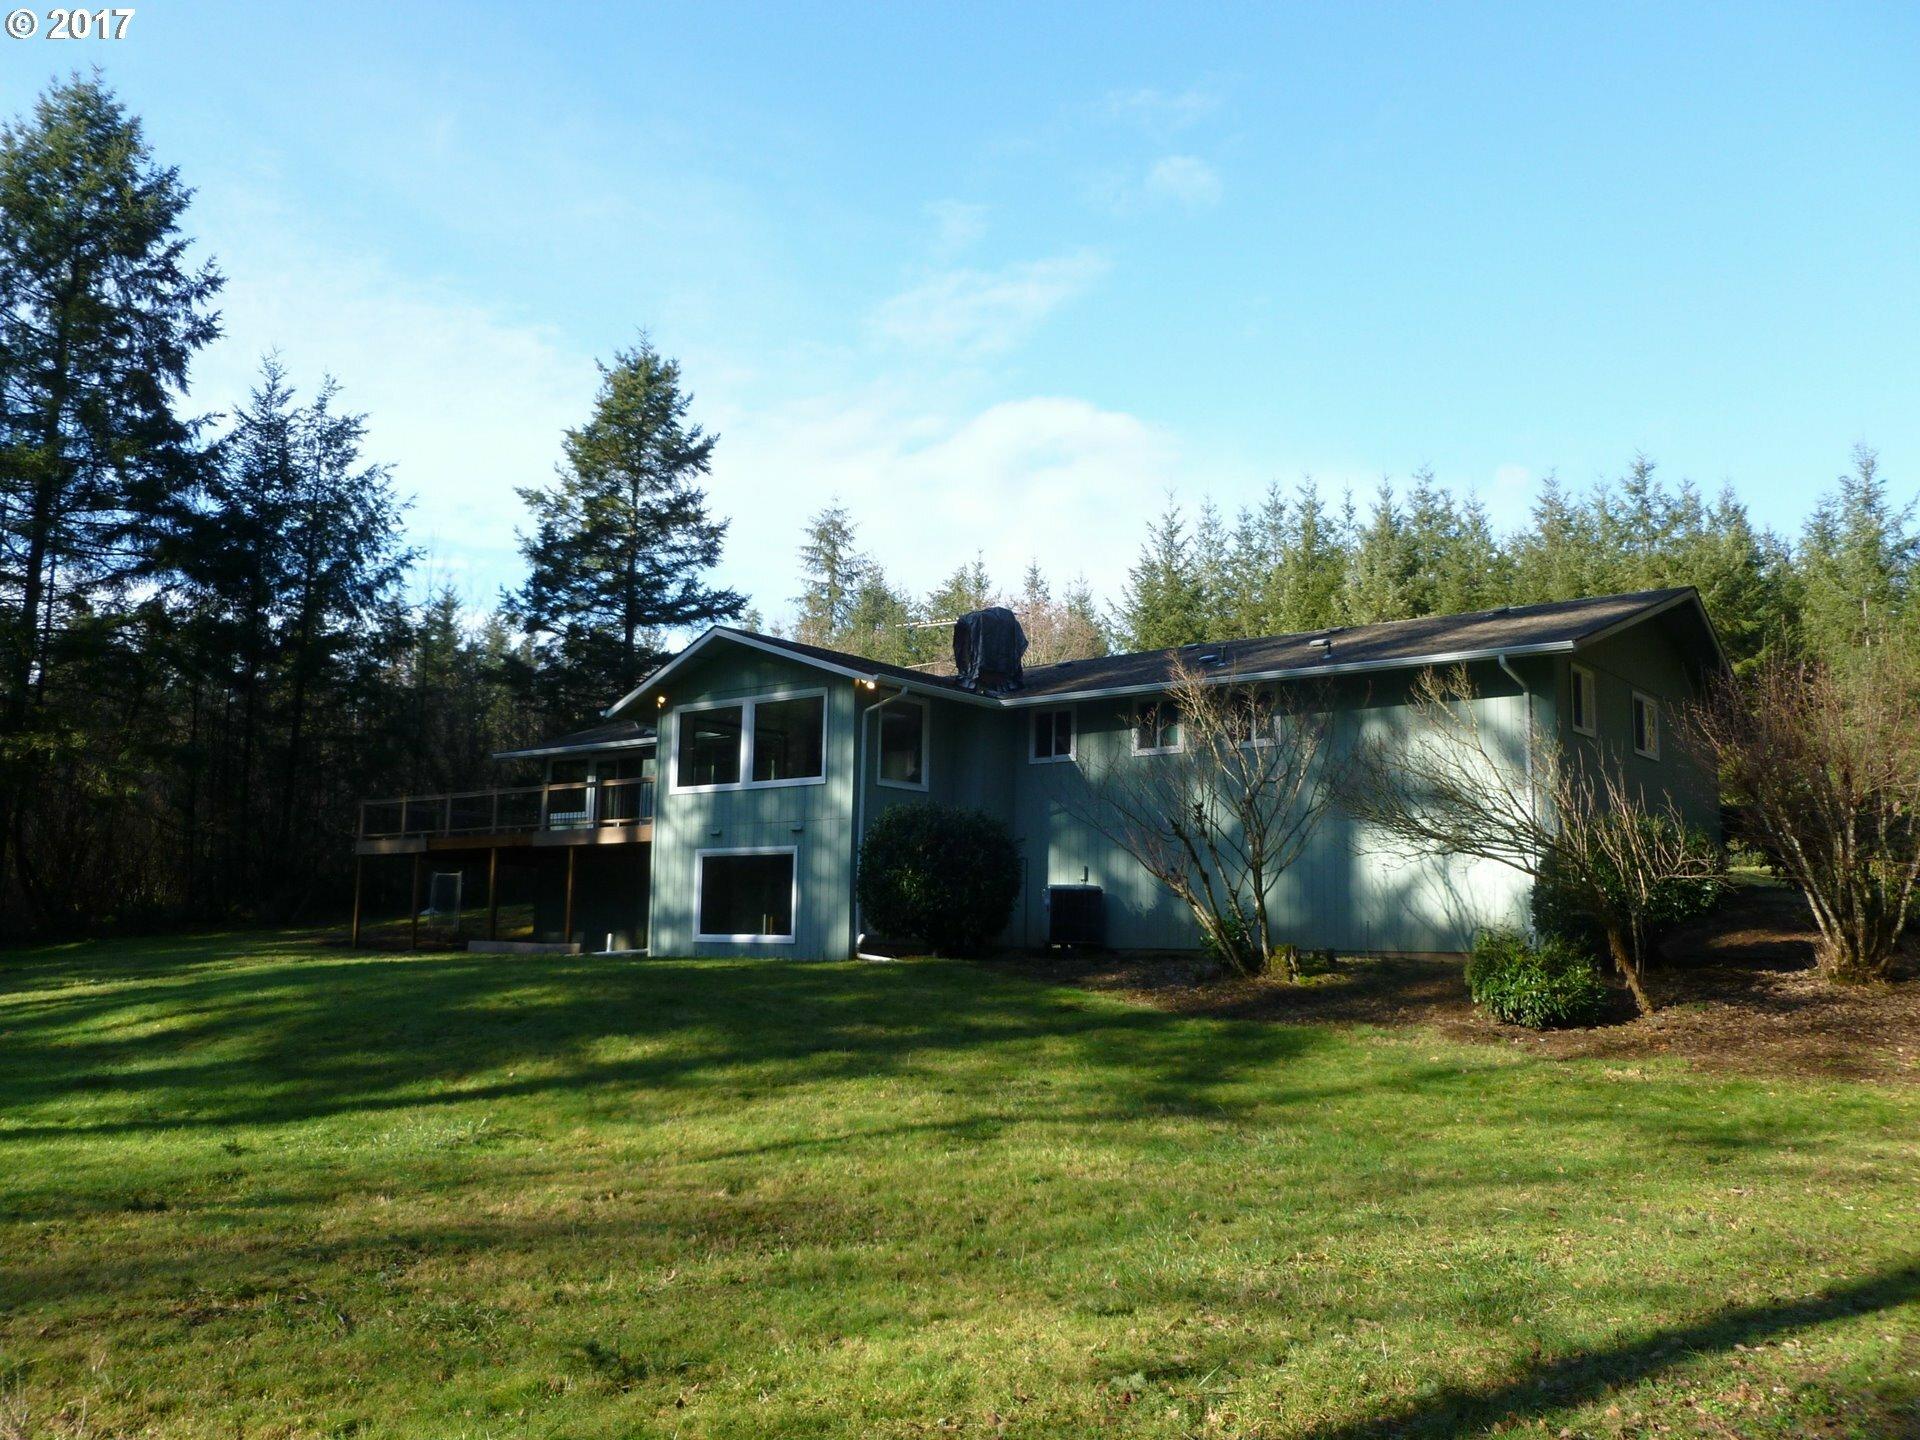 22620 Ne 68th St, Vancouver, WA - USA (photo 3)